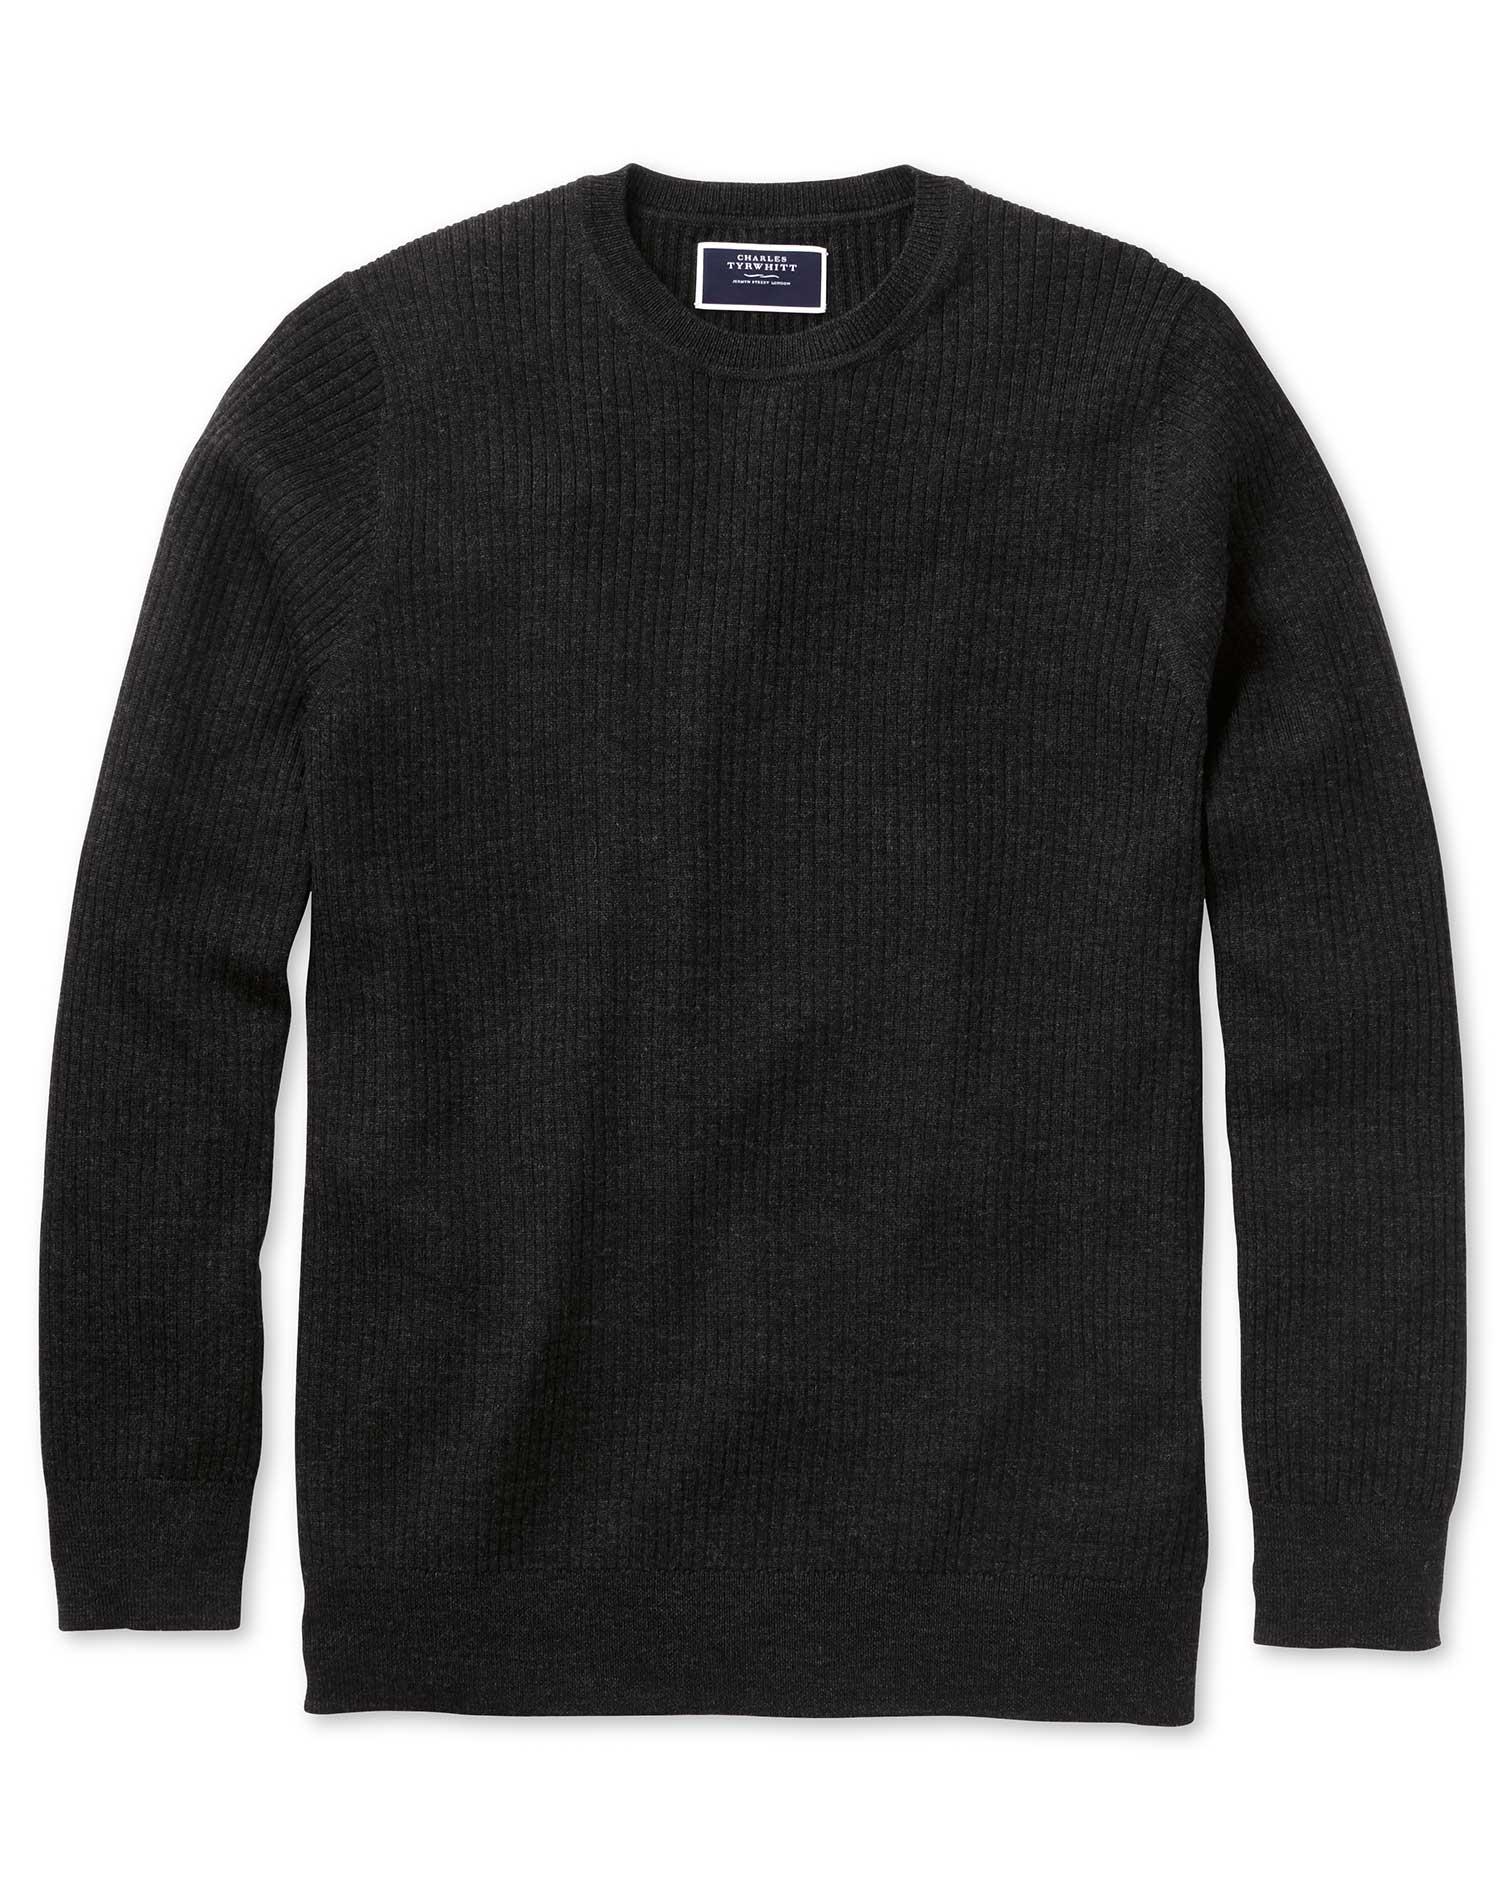 Dark Charcoal Merino Rib Crew Neck Merino Wool Jumper Size Small by Charles Tyrwhitt